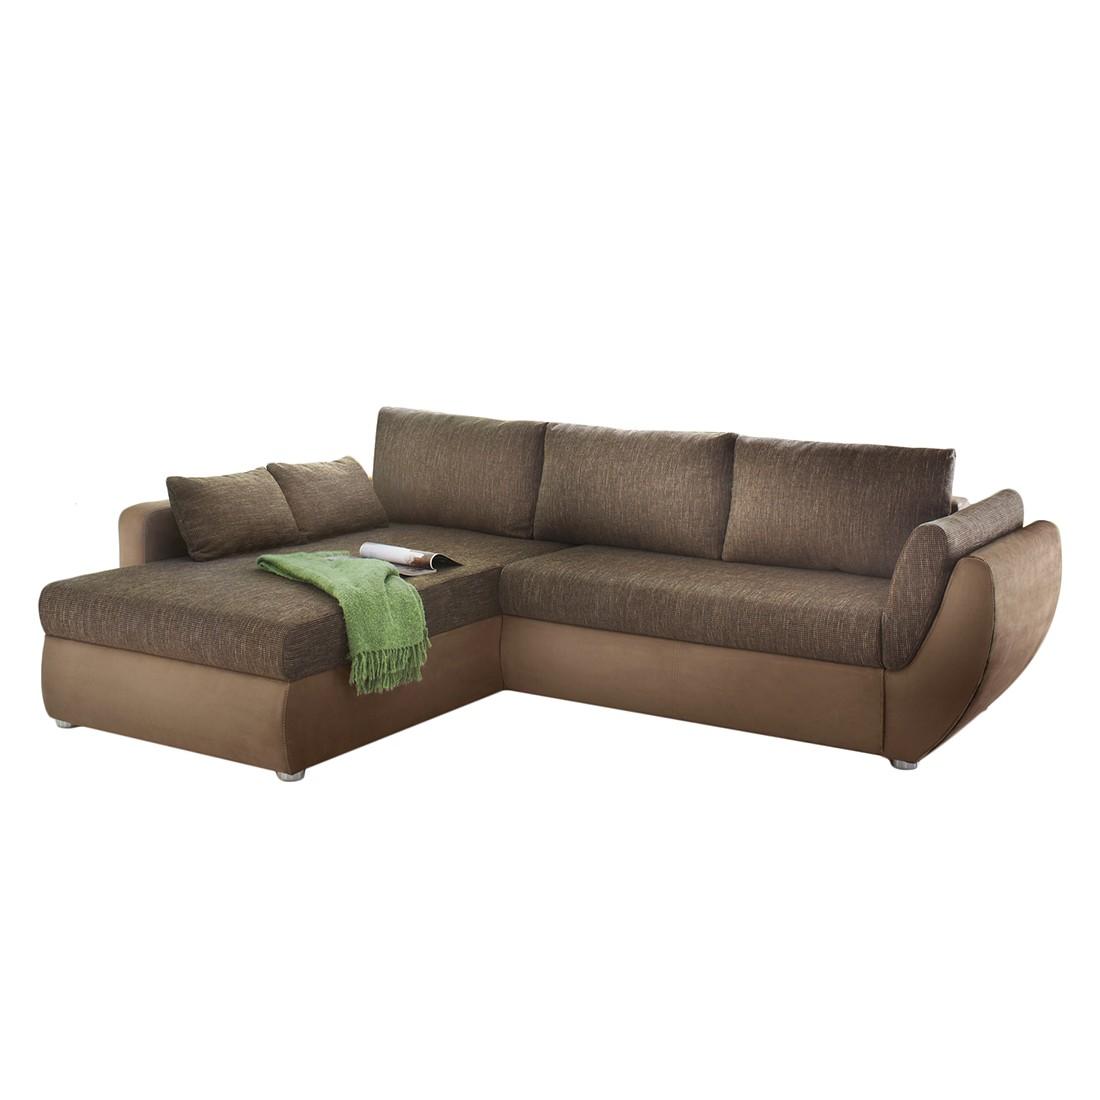 Canapé d'angle Kuhmo